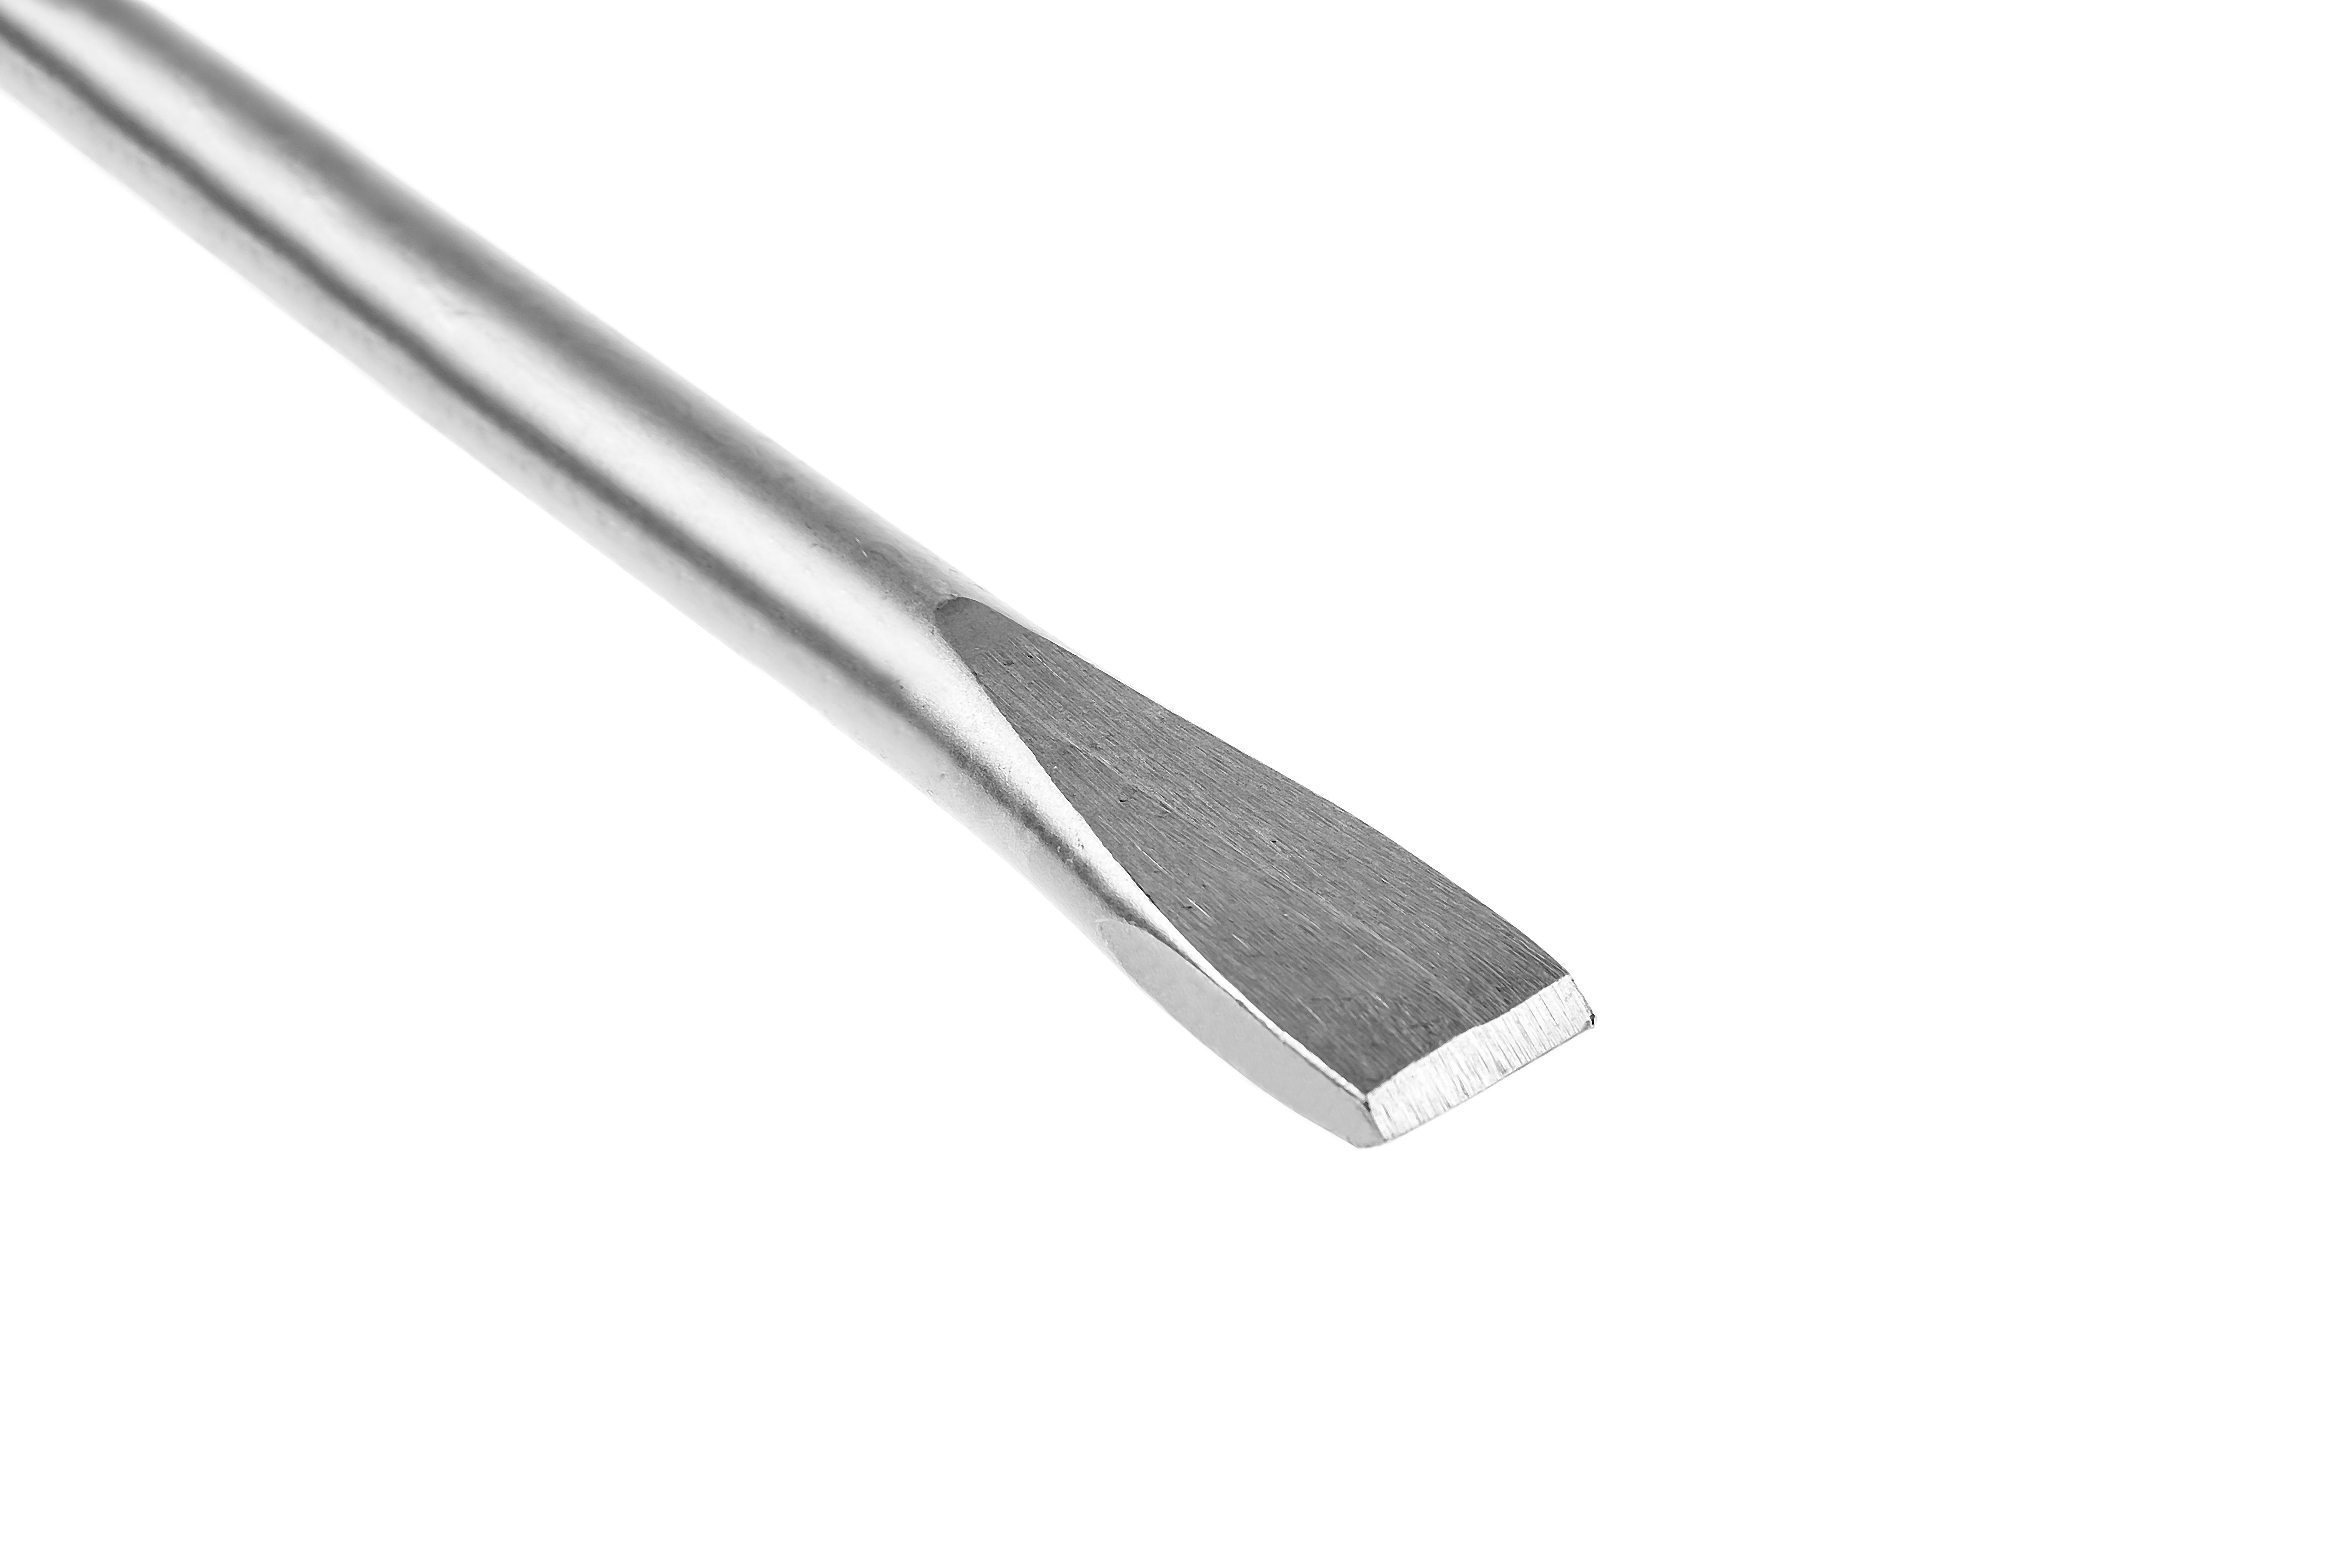 Зубило Hammer Dr ch sds-max плоское 18*400*25мм набор буров hammer 201 902 dr sds set no2